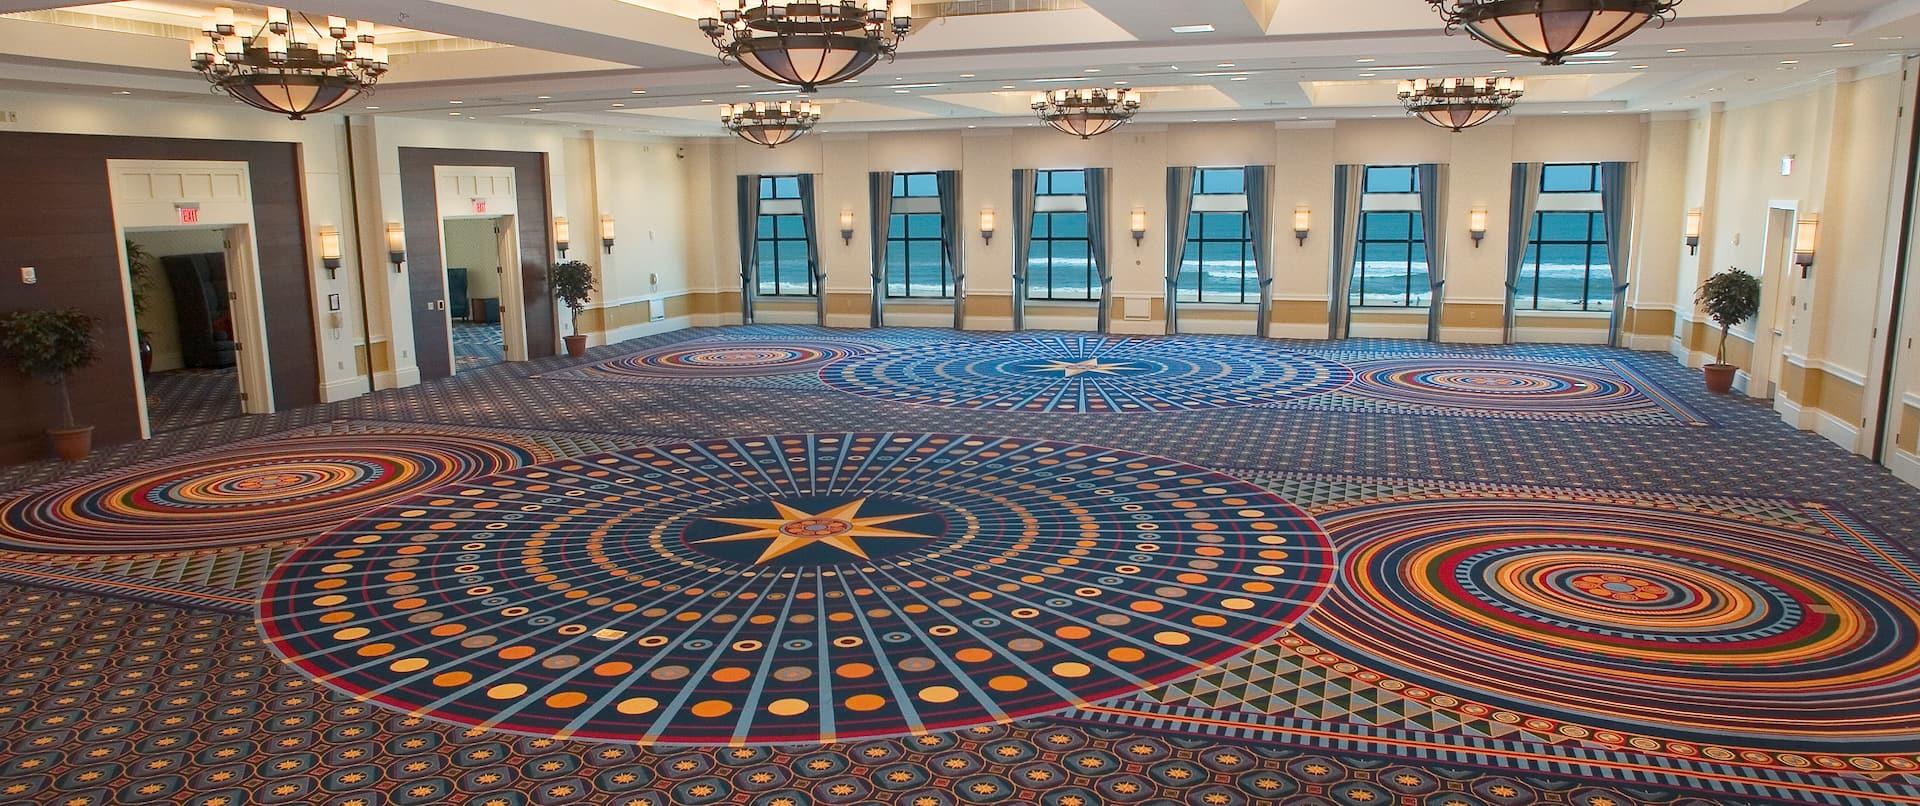 Peacock Ballroom